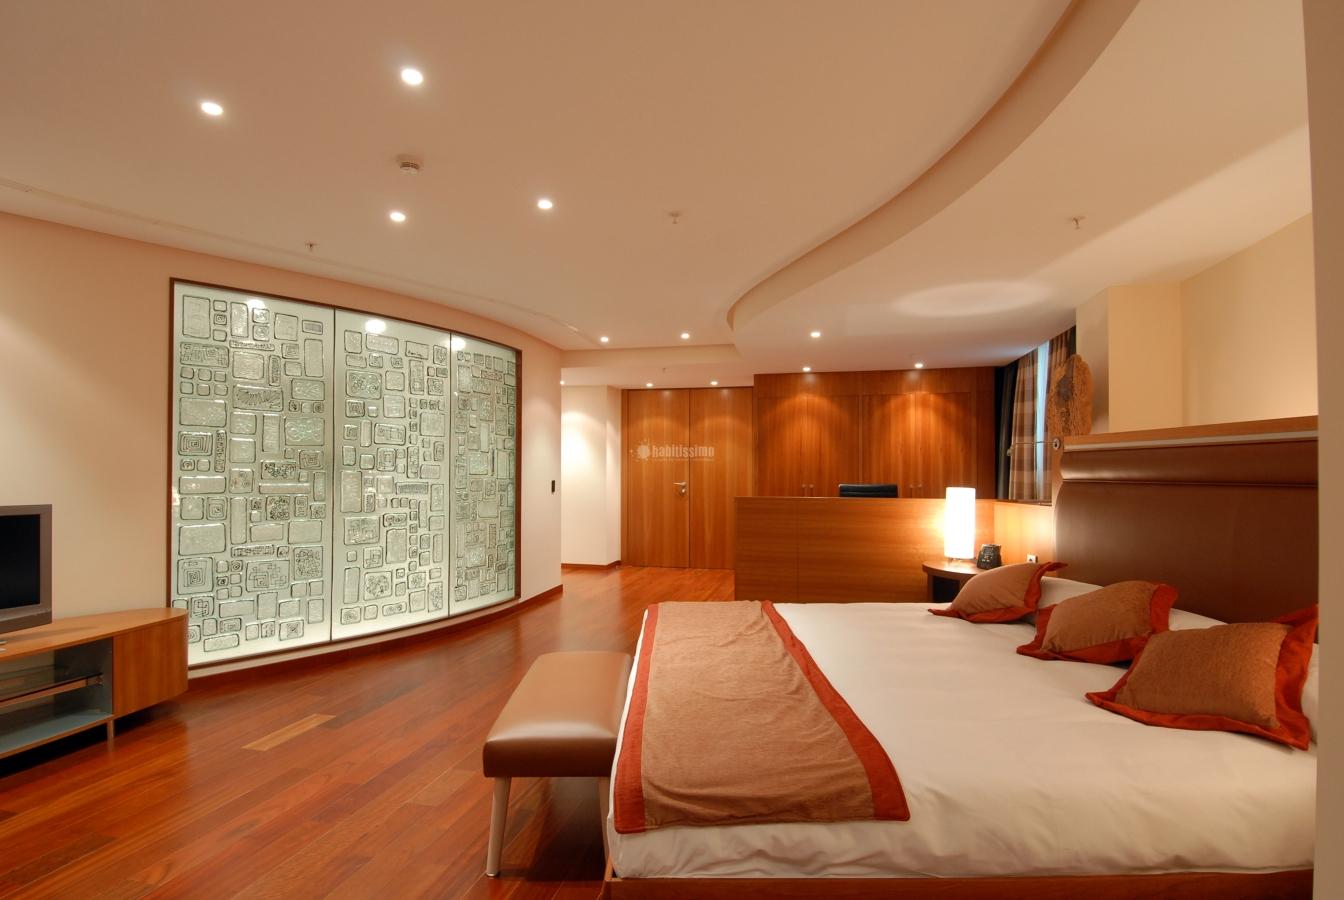 Hotel meli valencia 5 ideas decoradores - Decoradores de interiores valencia ...